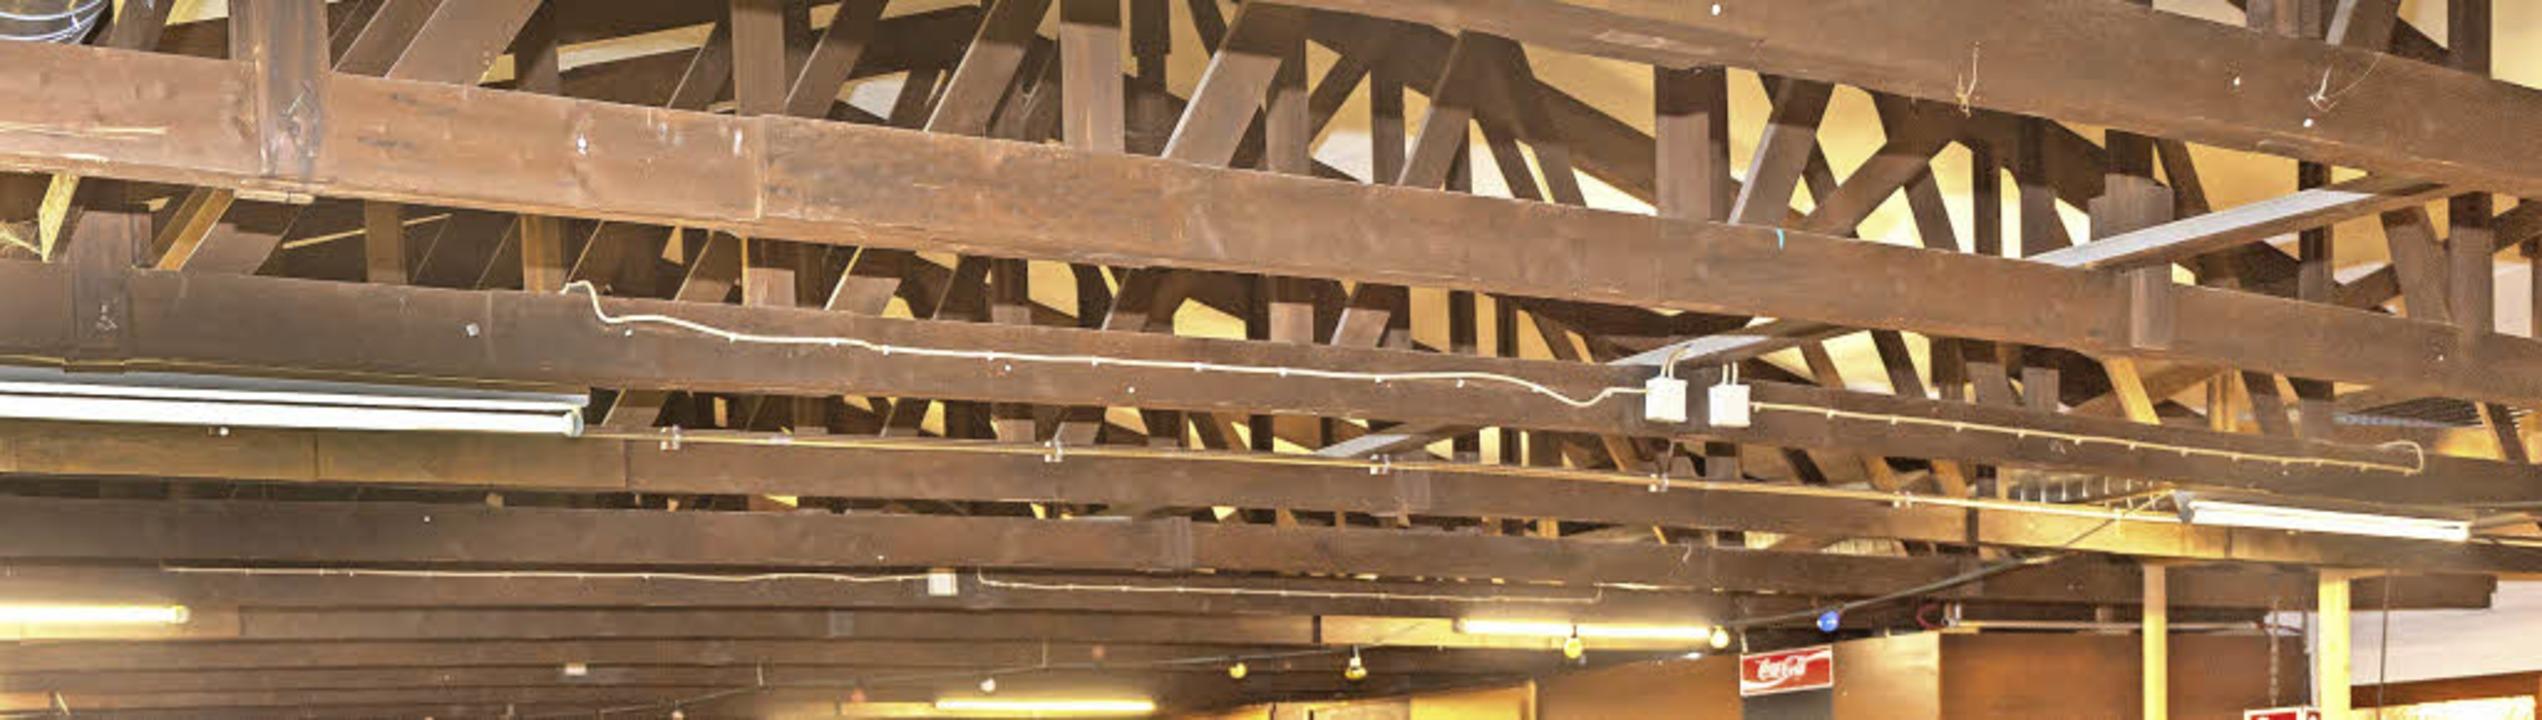 Die Dachkonstruktion der Dorfhalle Bre...nderat beschloss deshalb einen Neubau.  | Foto: Wilfried Dieckmann